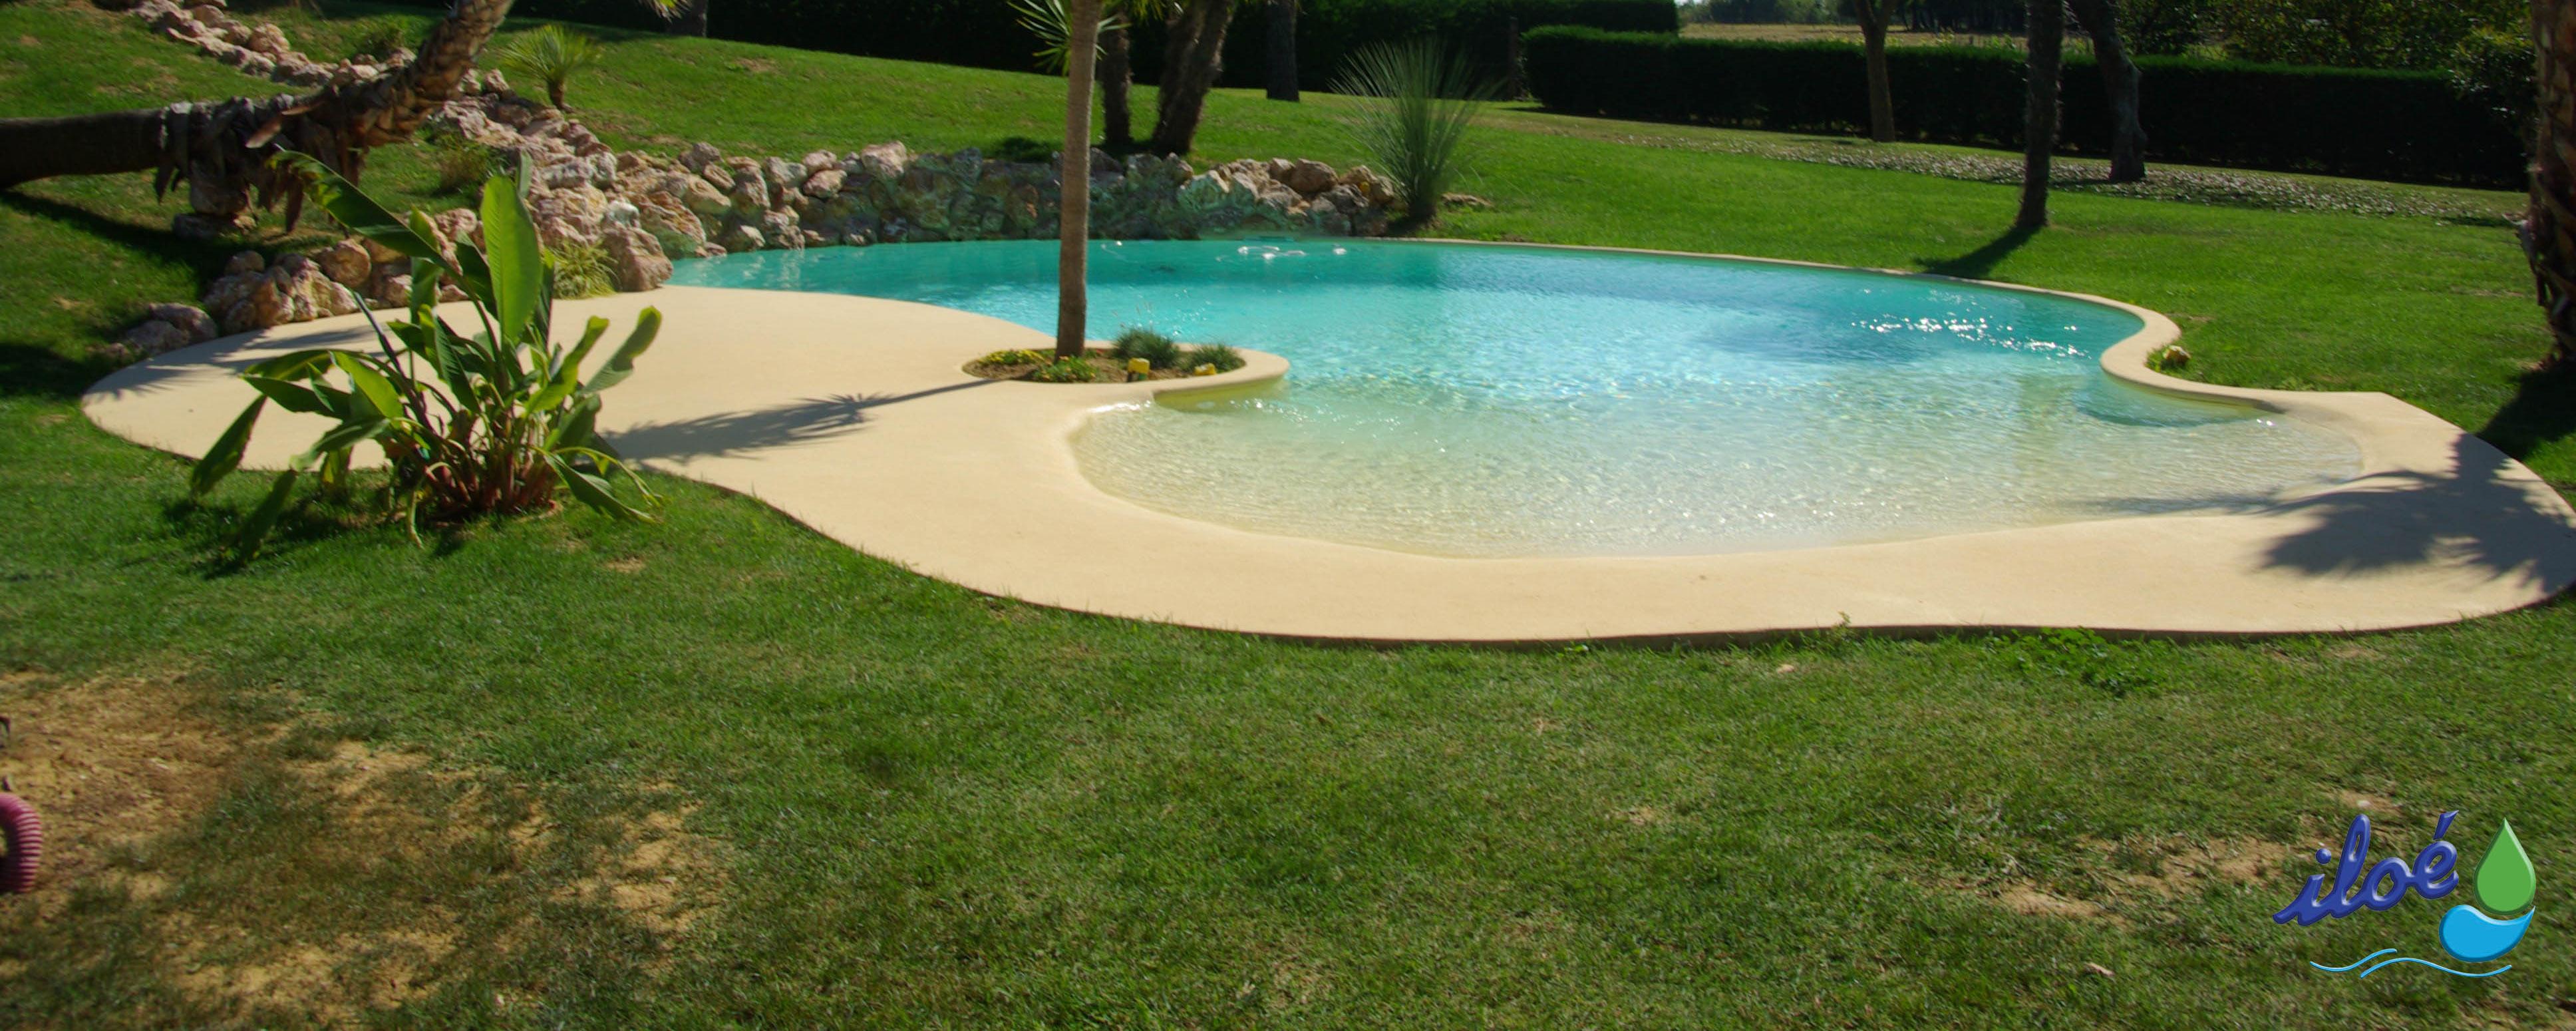 plage piscine quebec